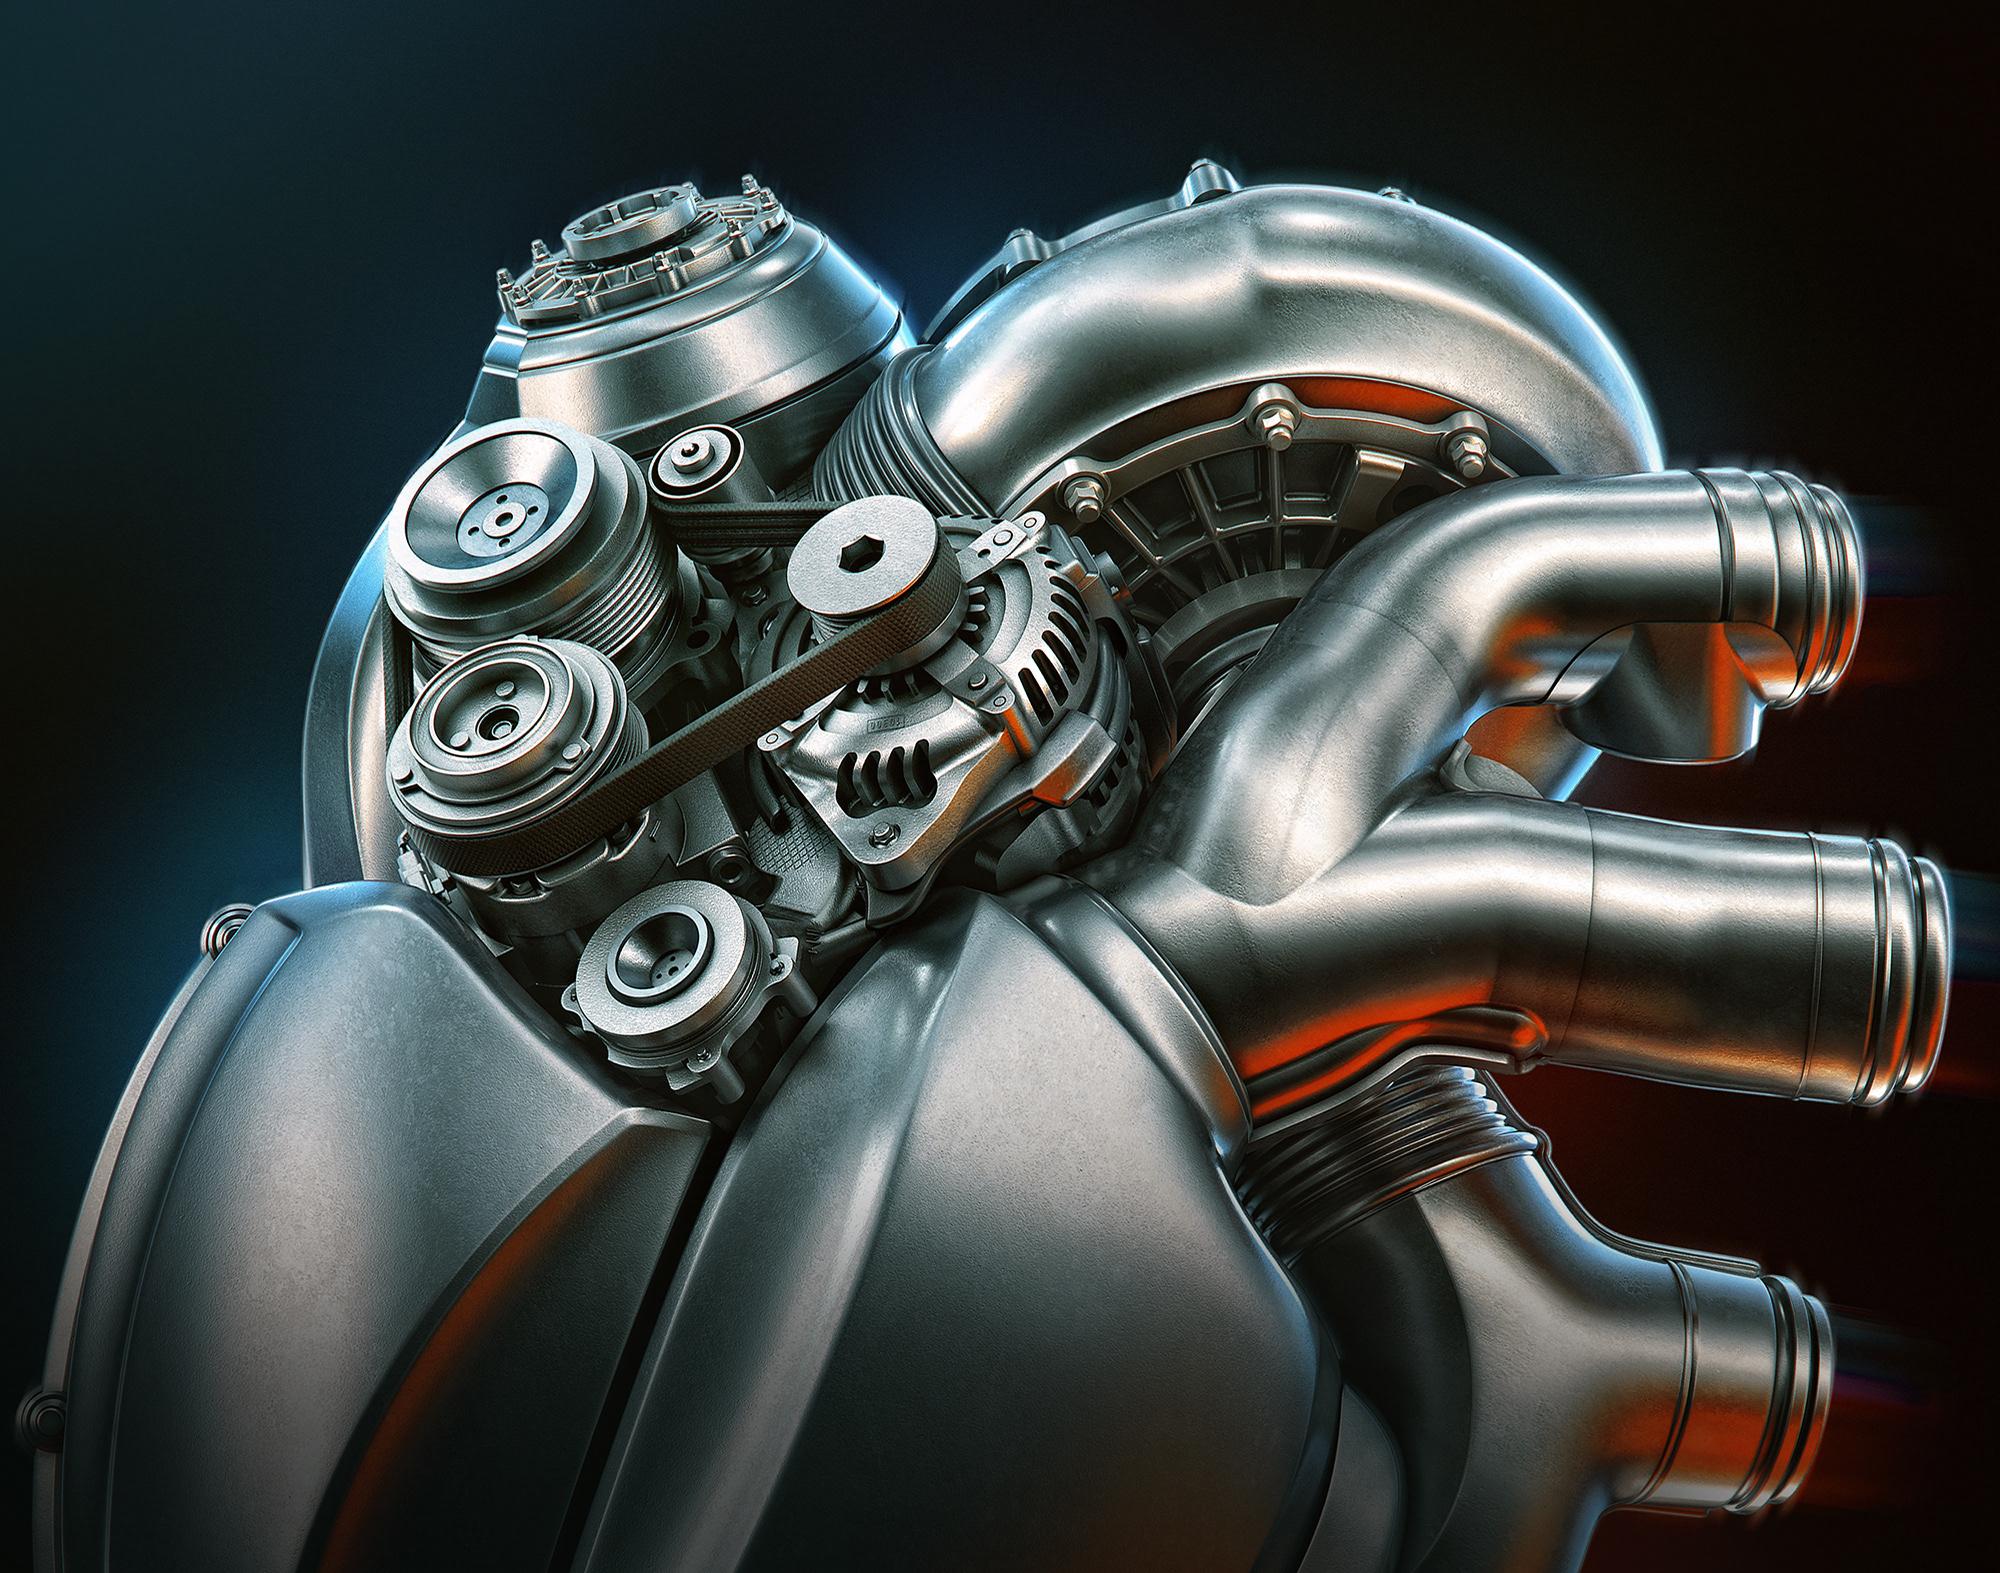 картинки в виде сердца-мотора сути, это было